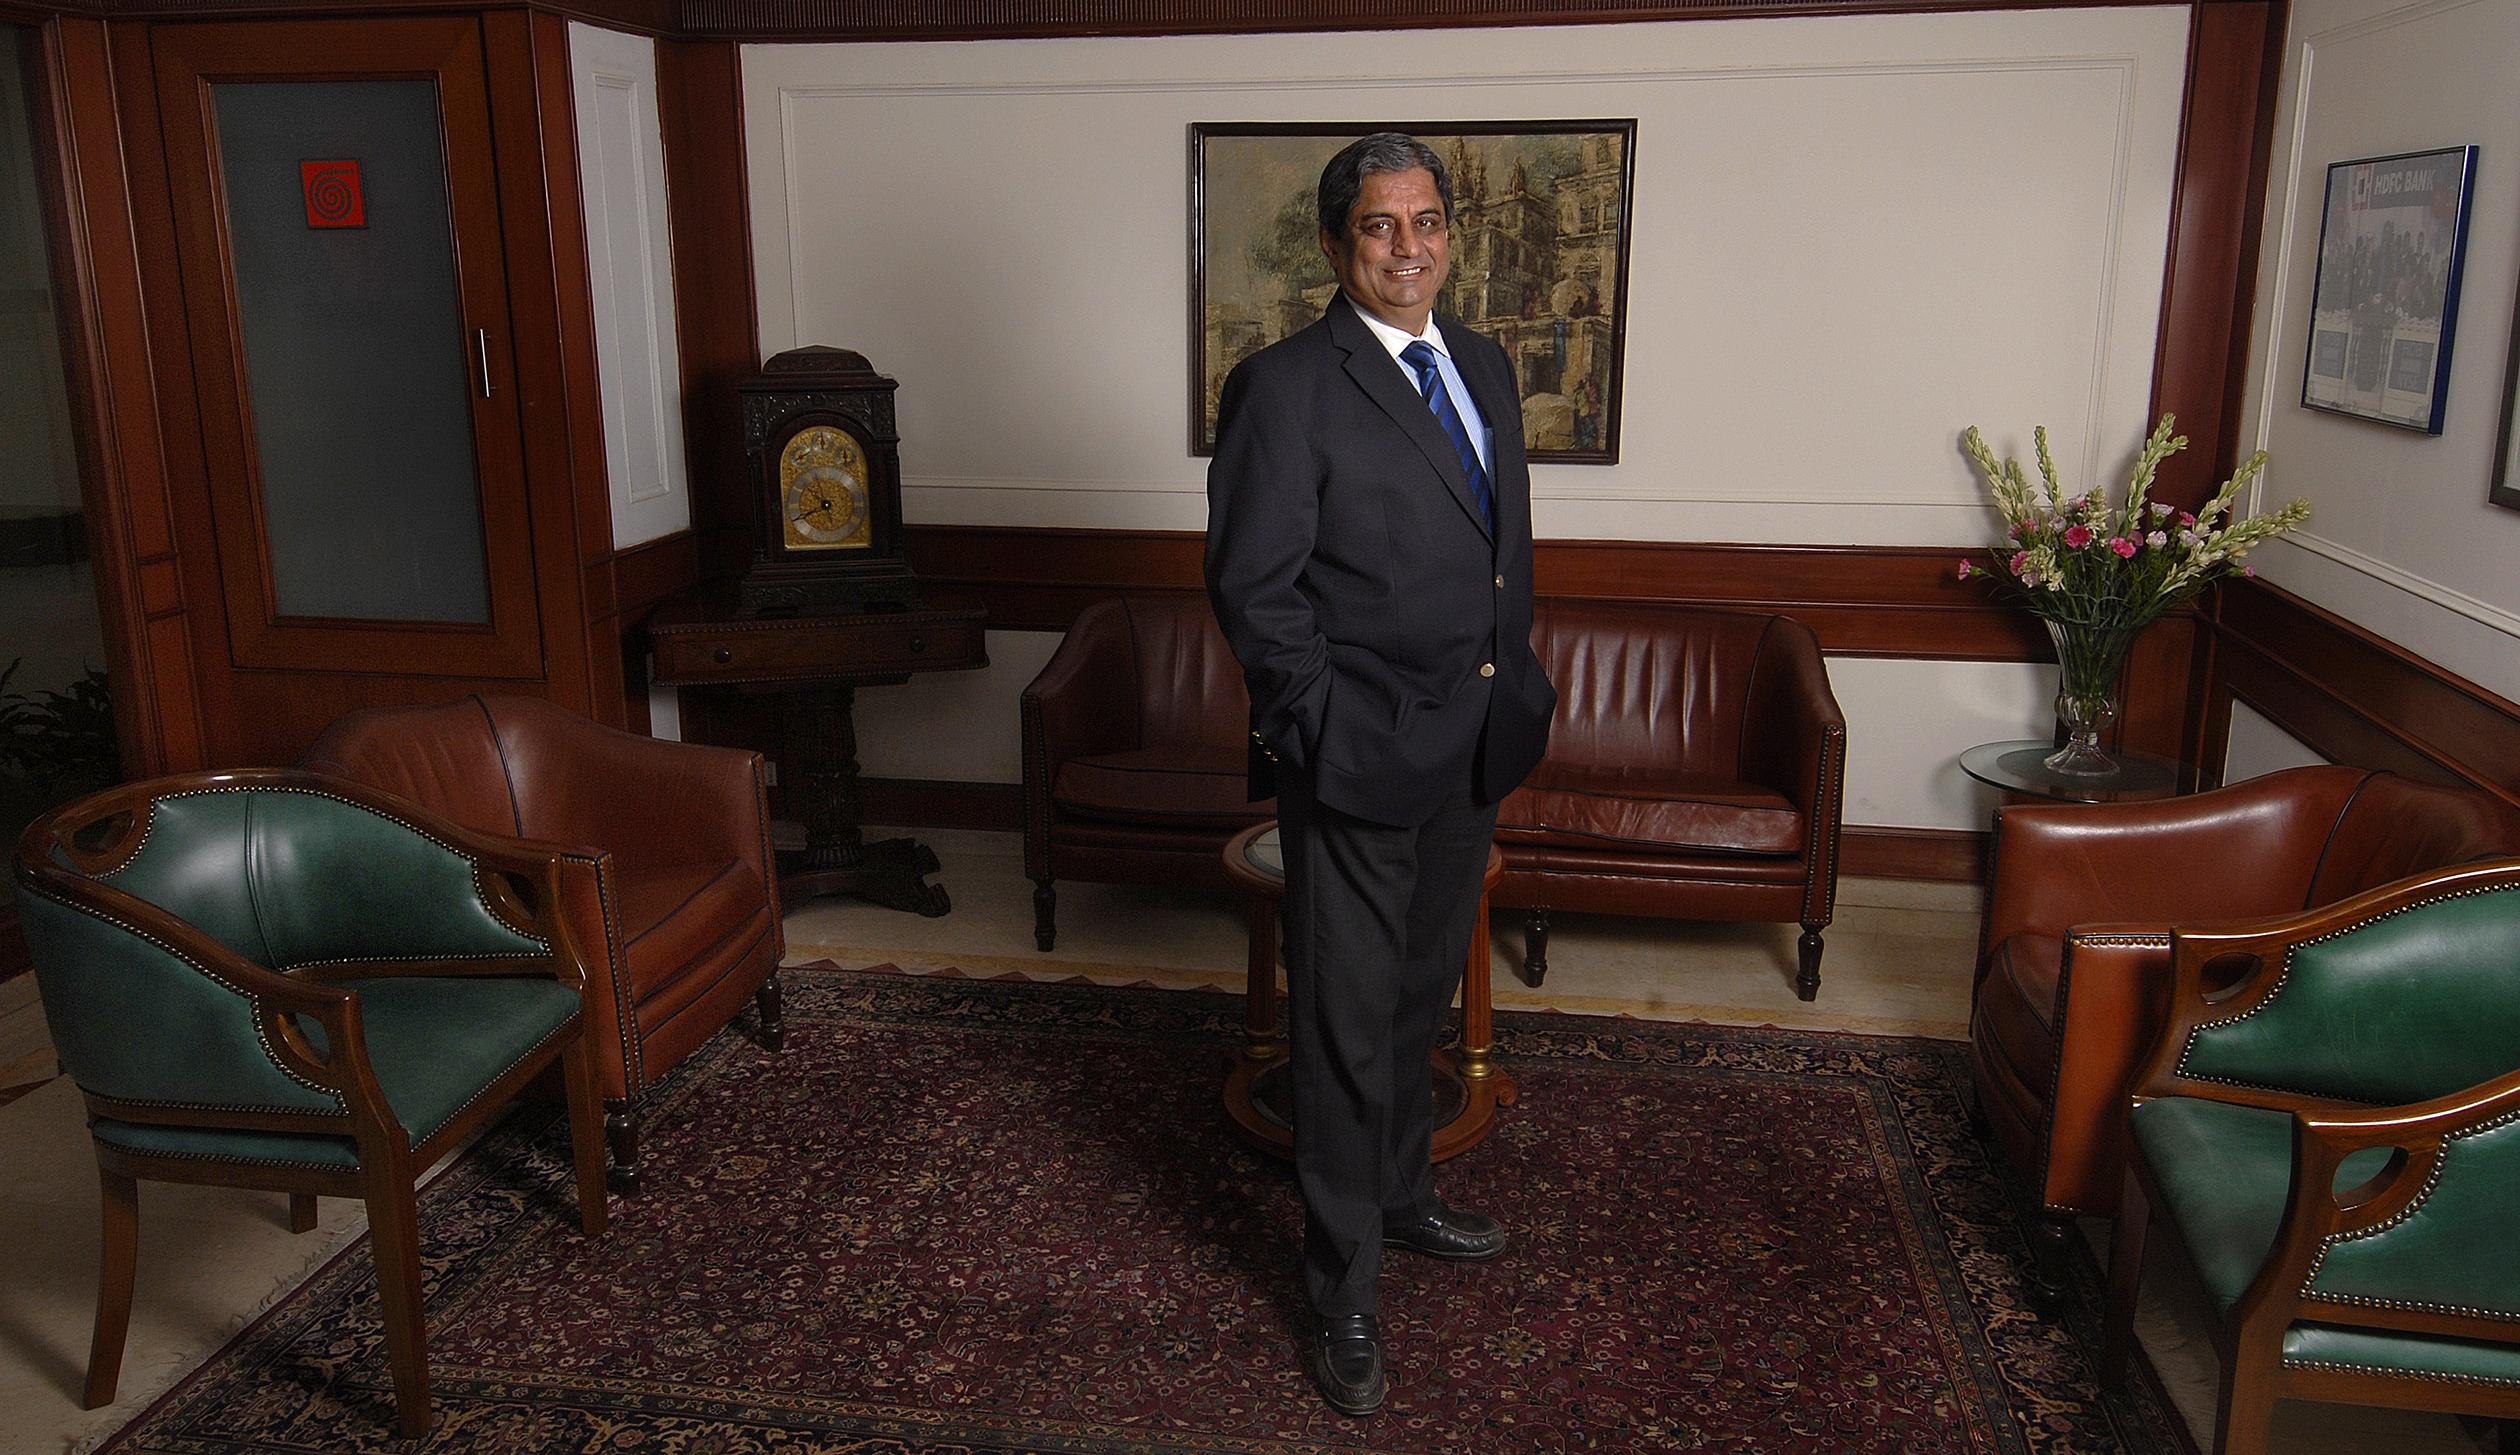 Profile Of  Aditya Puri, HDFC Bank Ltd Managing Director